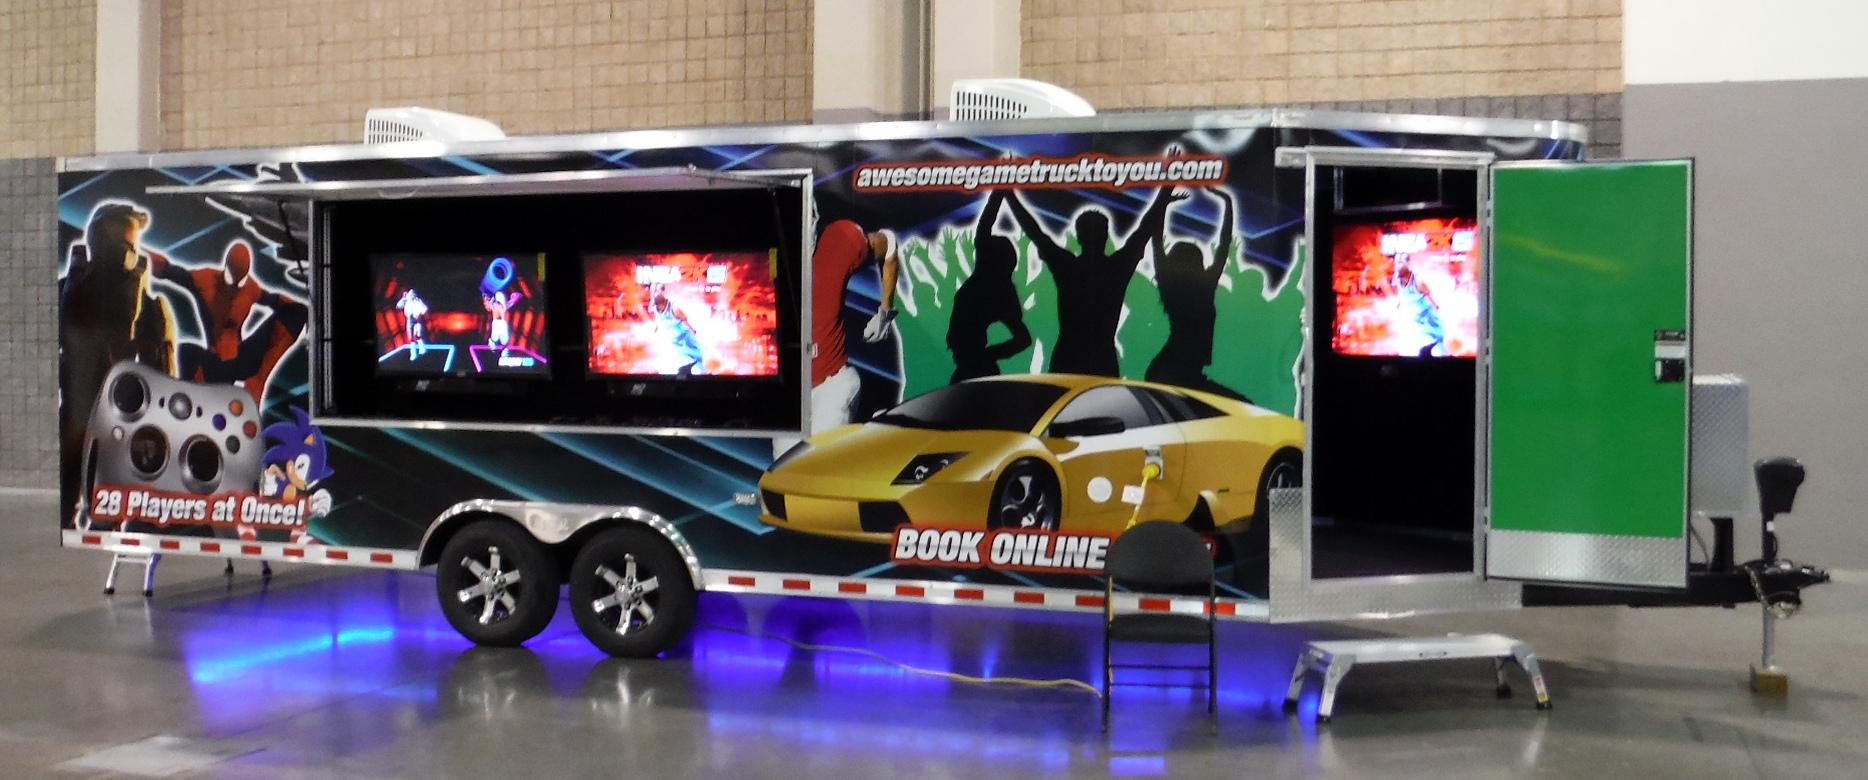 game truck inside